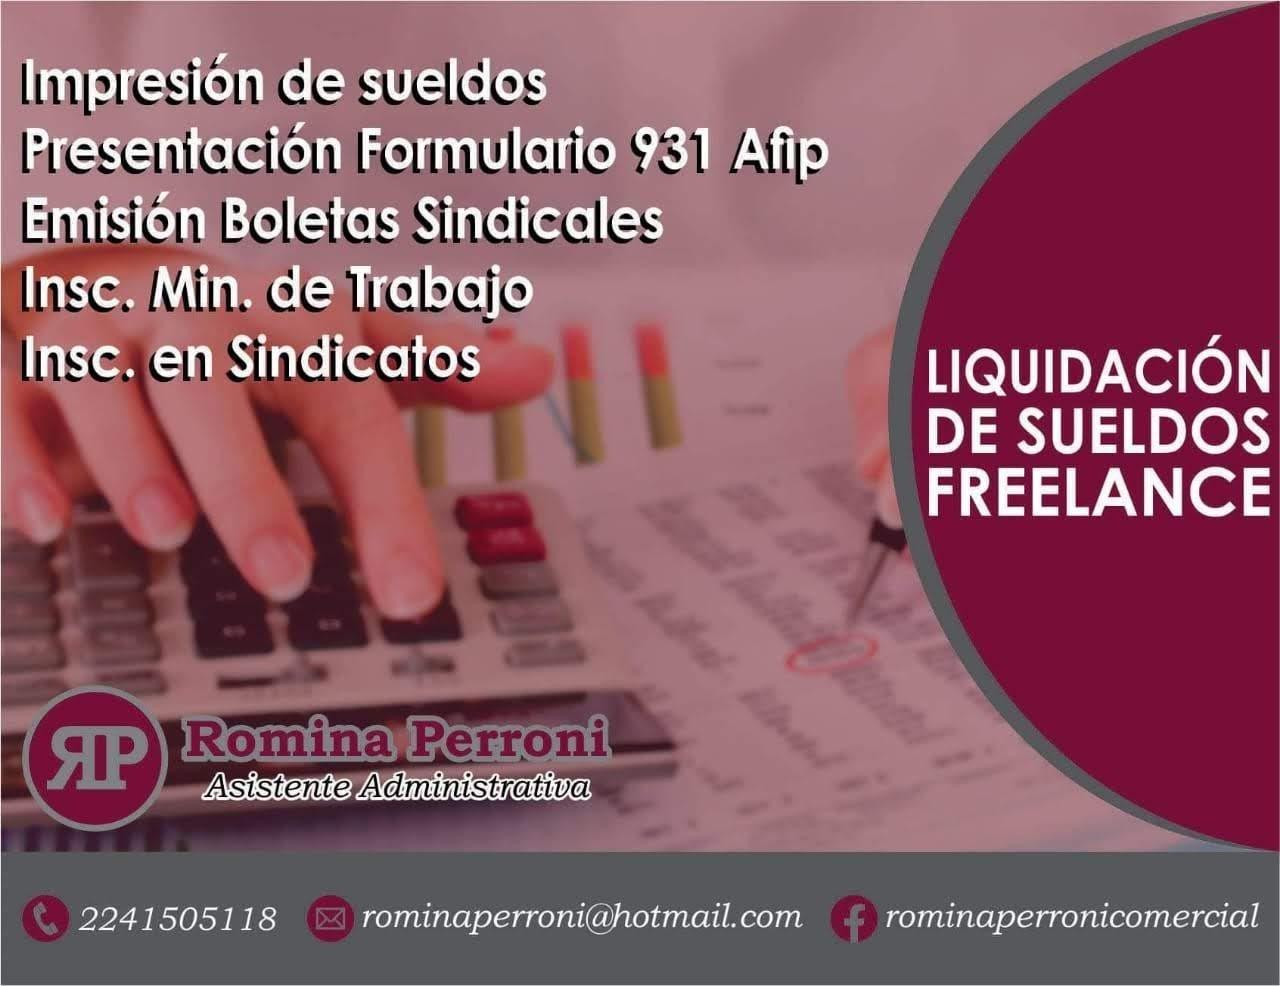 Liquidación de sueldos freelance